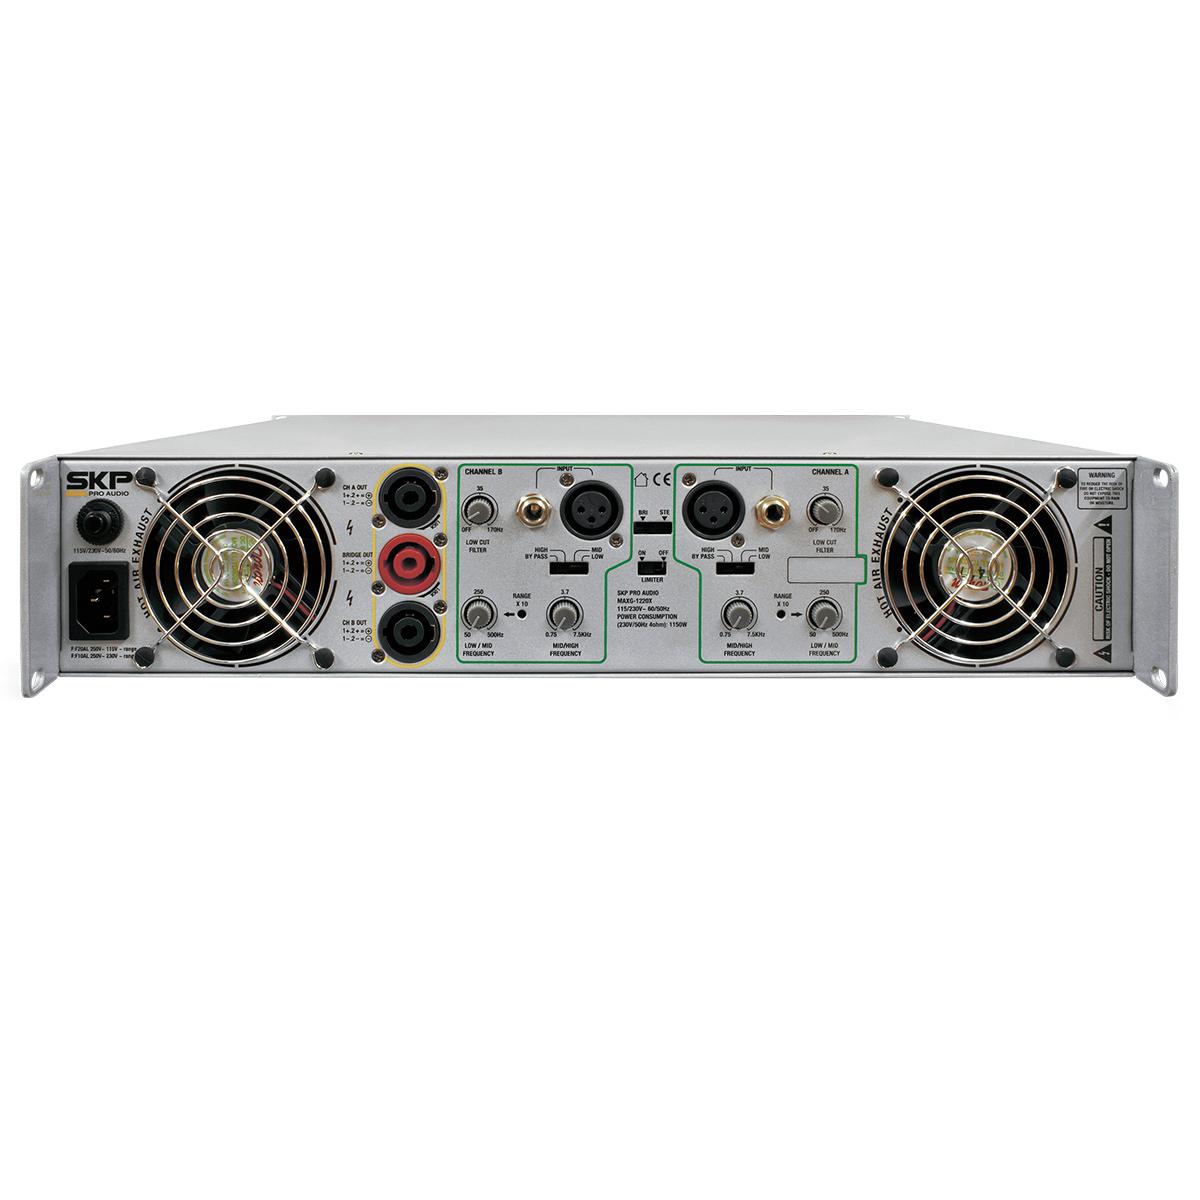 MAXG3620X - Amplificador Estéreo 2 Canais 3600W MAXG 3620X - SKP